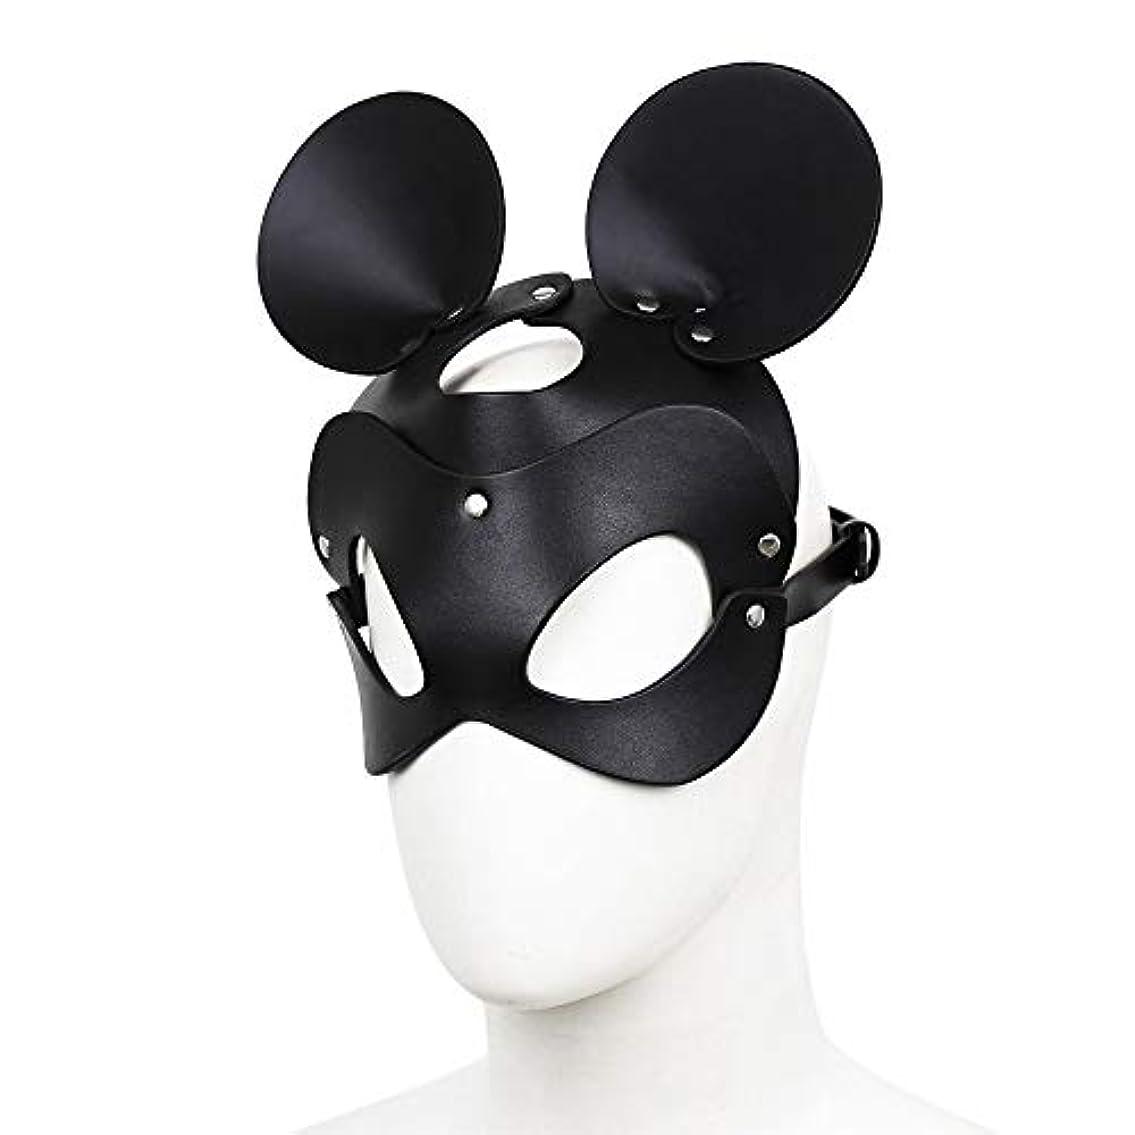 エネルギー実験をする受粉するダンスマスク 男性と女性の大人のロールプレイングブラックレザーマスクラウンドロングイヤーナイトクラブマスク パーティーボールマスク (色 : ブラック, サイズ : 20x17cm)